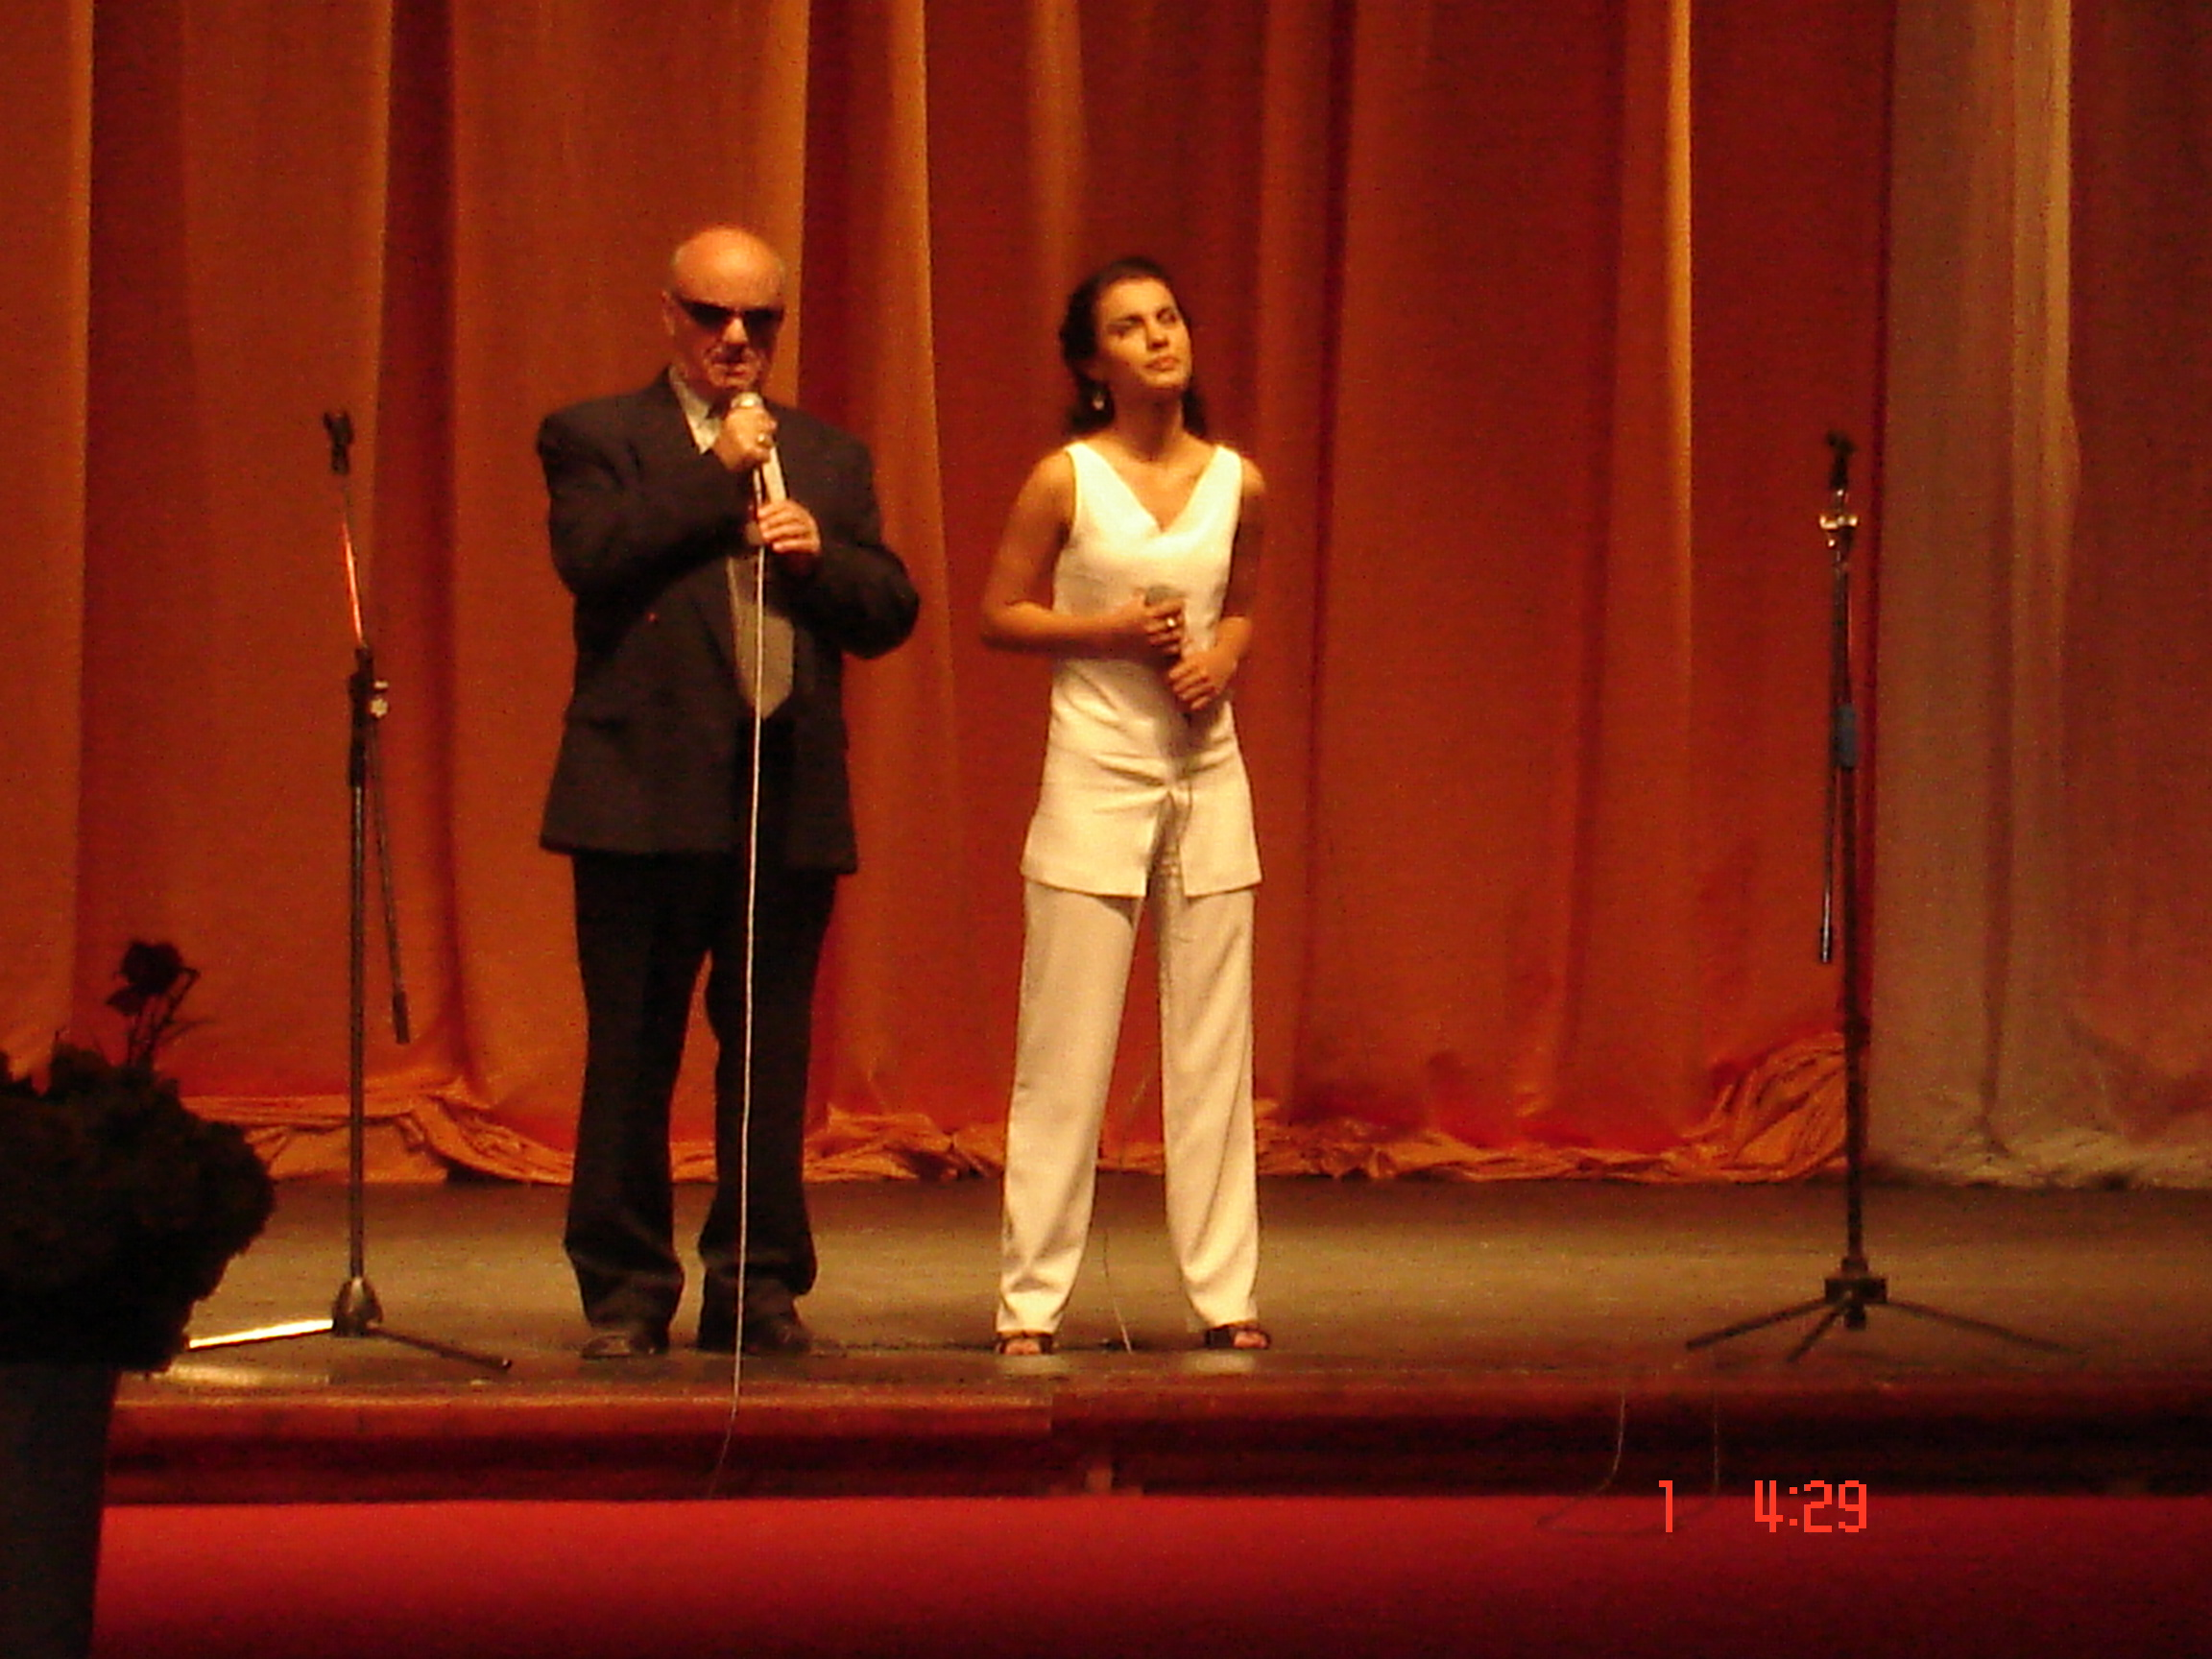 """Koncerti """"Arti Pertej Shikimit"""" u zhvillua me date 15.10.2008, Dita Nderkombetare e Shkopit te Bardhe, ne kuadrin e integrimit kulturor te personave te verber ne jeten artistike dhe shoqerore te vendit Nepermjet realizimit te nje koncerti me artistet e njohur te kenges dhe muzikes shqiptare, artistet e verber kryen duete me talentet instrumentale dhe muzikore nga komuniteti i personave te verber te Shqiperise. Koncerti ishte nje mundesi per dhenien e nje mesazhi te fuqishem mbi integrimin e te gjithe qytetareve shqiptare, pavaresisht nga kufizimi i aftesive shqisore, apo nga statusi shoqeror. Mesazhi qe koncerti i dha shoqerise eshte se si institucionet e kultures, Ministria e Turizmit Kultures Rinise dhe Sporteve ashtu dhe personalitetet me te larta te saj (profesionistet e muzikes dhe kenges), udheheqin garantimin e shanseve te barabarta dhe gezimin e te drejtes se shprehjes se talentit edhe ne fushen e artit, nga ana e personave me aftesi te kufizuara shqisore. Koncerti ishte nje rast i vecante, ne te cilin pjesemarresit do te shpalosen talentin dhe perpjekjet e tyre per te arritur nivele me te vertete te larta te interpretimit te krahasueshme me nivelet profesioniste. Artistet e verber performuan ne skene se bashku me artiste te mirenjohur profesioniste. Performanca e tyre e perbashket me instrumentiste dhe kengetare profesioniste te nivelit kombetar krijoi mundesine artisteve te verber qe te ndihen si personazhe reale dhe te barabarte ne skene. Tashme, nje numer i konsiderueshem personash te verber deshirojne te marrin pjese ne kete aktivitet per vitet ne vijim. Ne funksion te perzgjedhes se me te mireve, nje komision i posacem do te beje perzgjedhjen dhe selektimin bazuar ne eksperiencen dhe talentin e tyre. Kujdes i vecante j'u kushtua krijimit te dueteve, ku nje artist i spikatur ne fushen e tij do te sherbeje si mentori i nje te verbri shume te talentuar ne kete fushe, çka do te kurorezohet me nje duet spektakolar perpara audiences se gjere dhe mediave komb"""